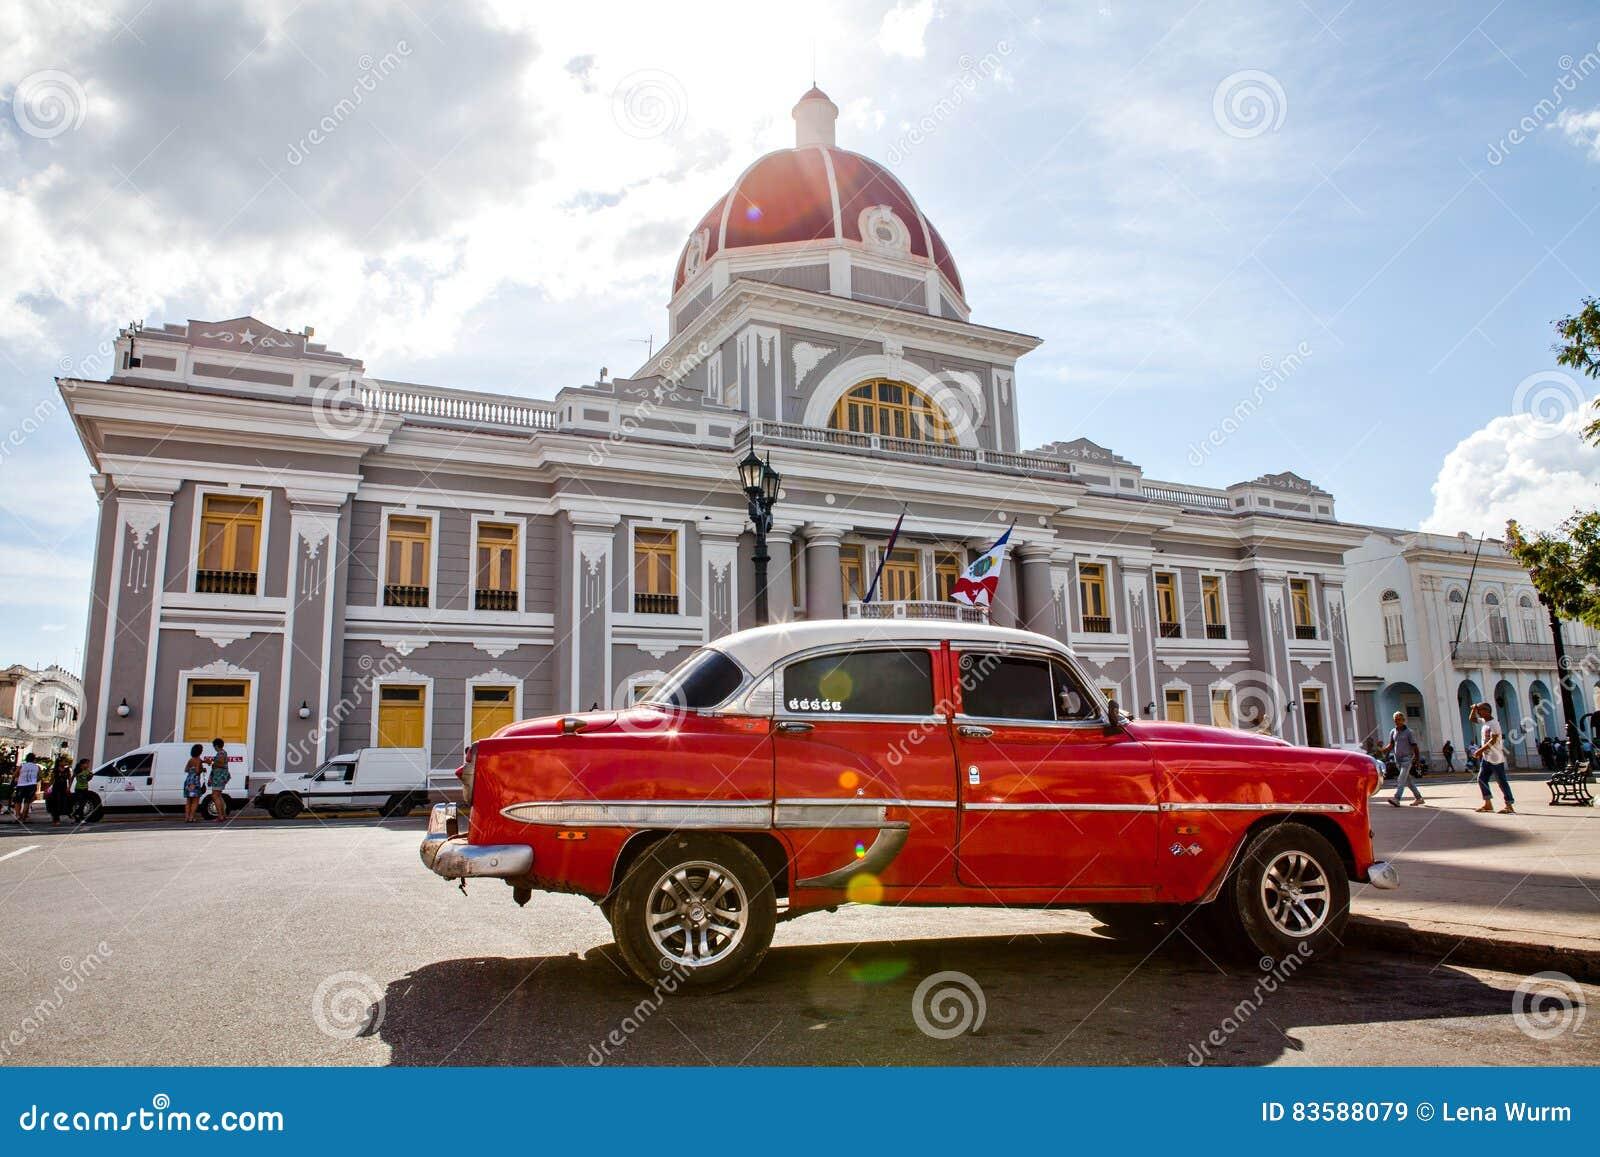 Cienfuegos, Cuba - December 17, 2016: Stadhuis